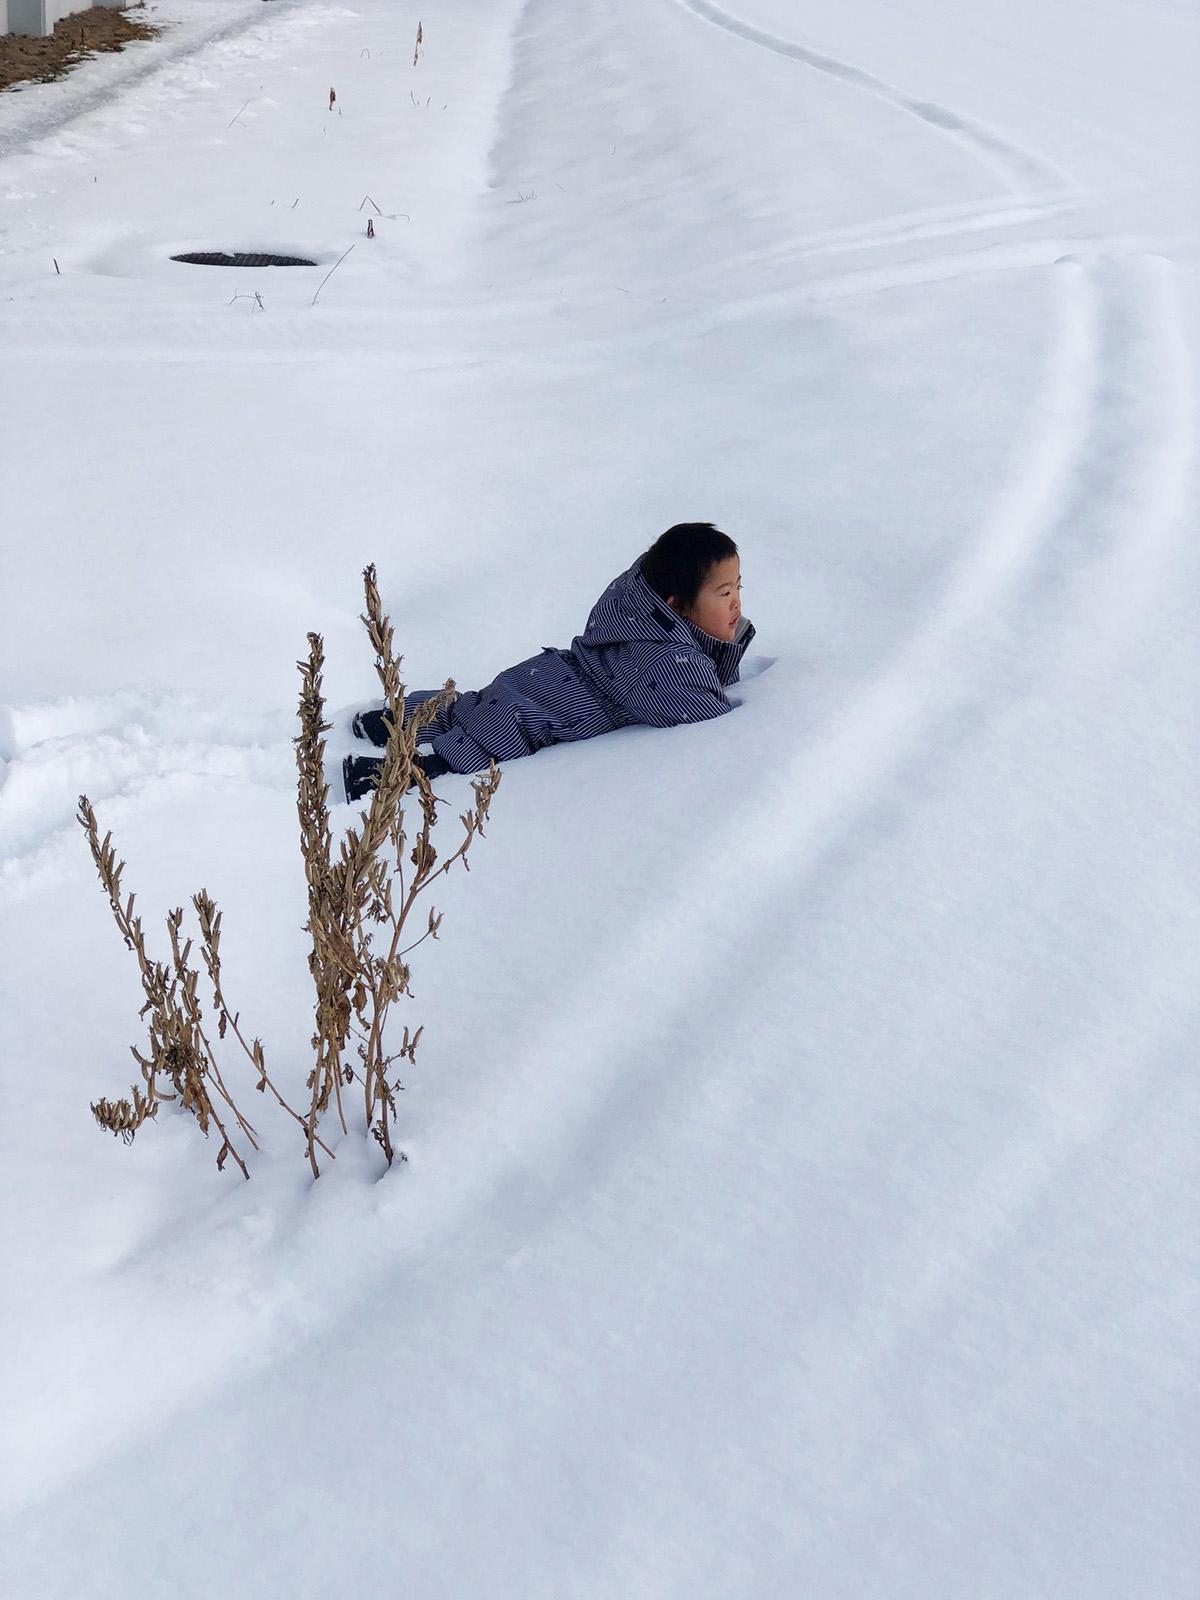 第44回:salvia デザイナー セキユリヲより </br>地域の新しいご縁を大切に。今年は北海道で新年を迎える。